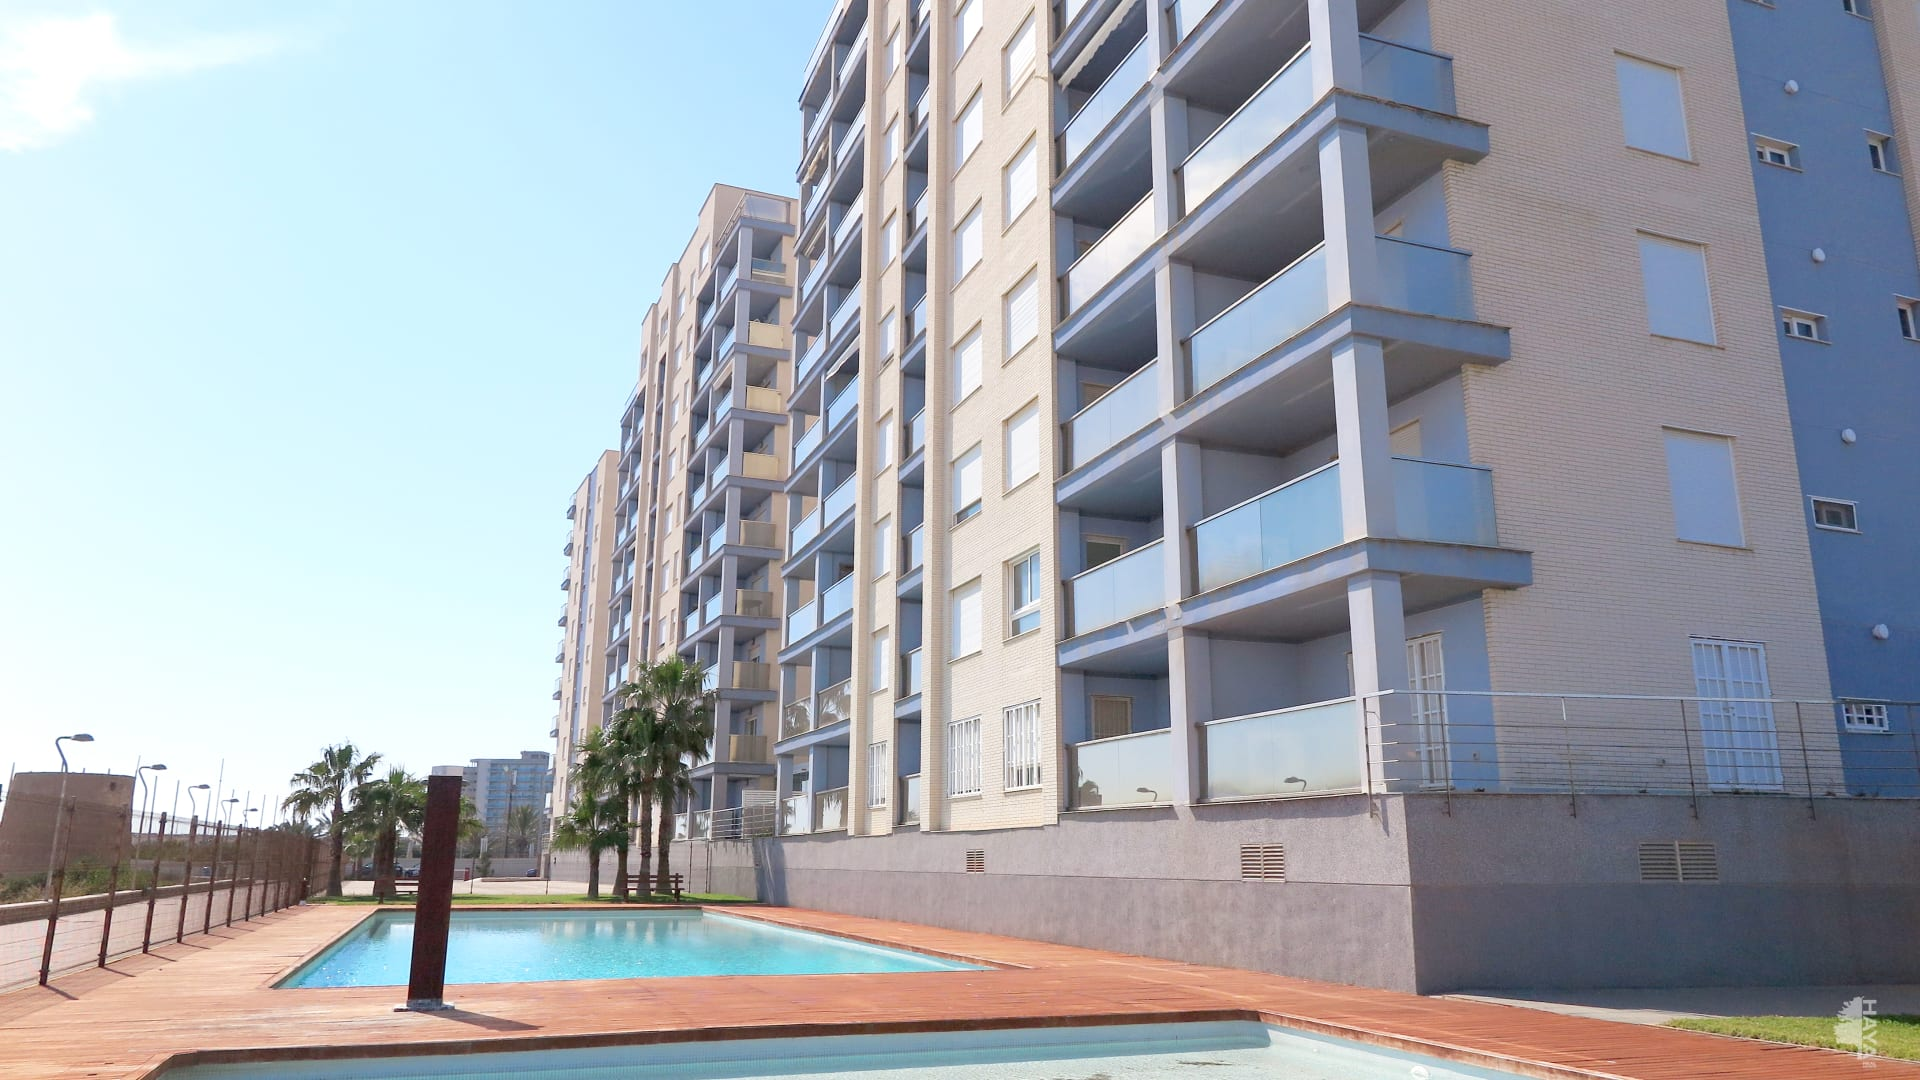 Piso en venta en San Javier, Murcia, Calle Prolongación Pol F. Conj Resid. Veneziola Golf Ii, 76.000 €, 1 habitación, 1 baño, 44 m2